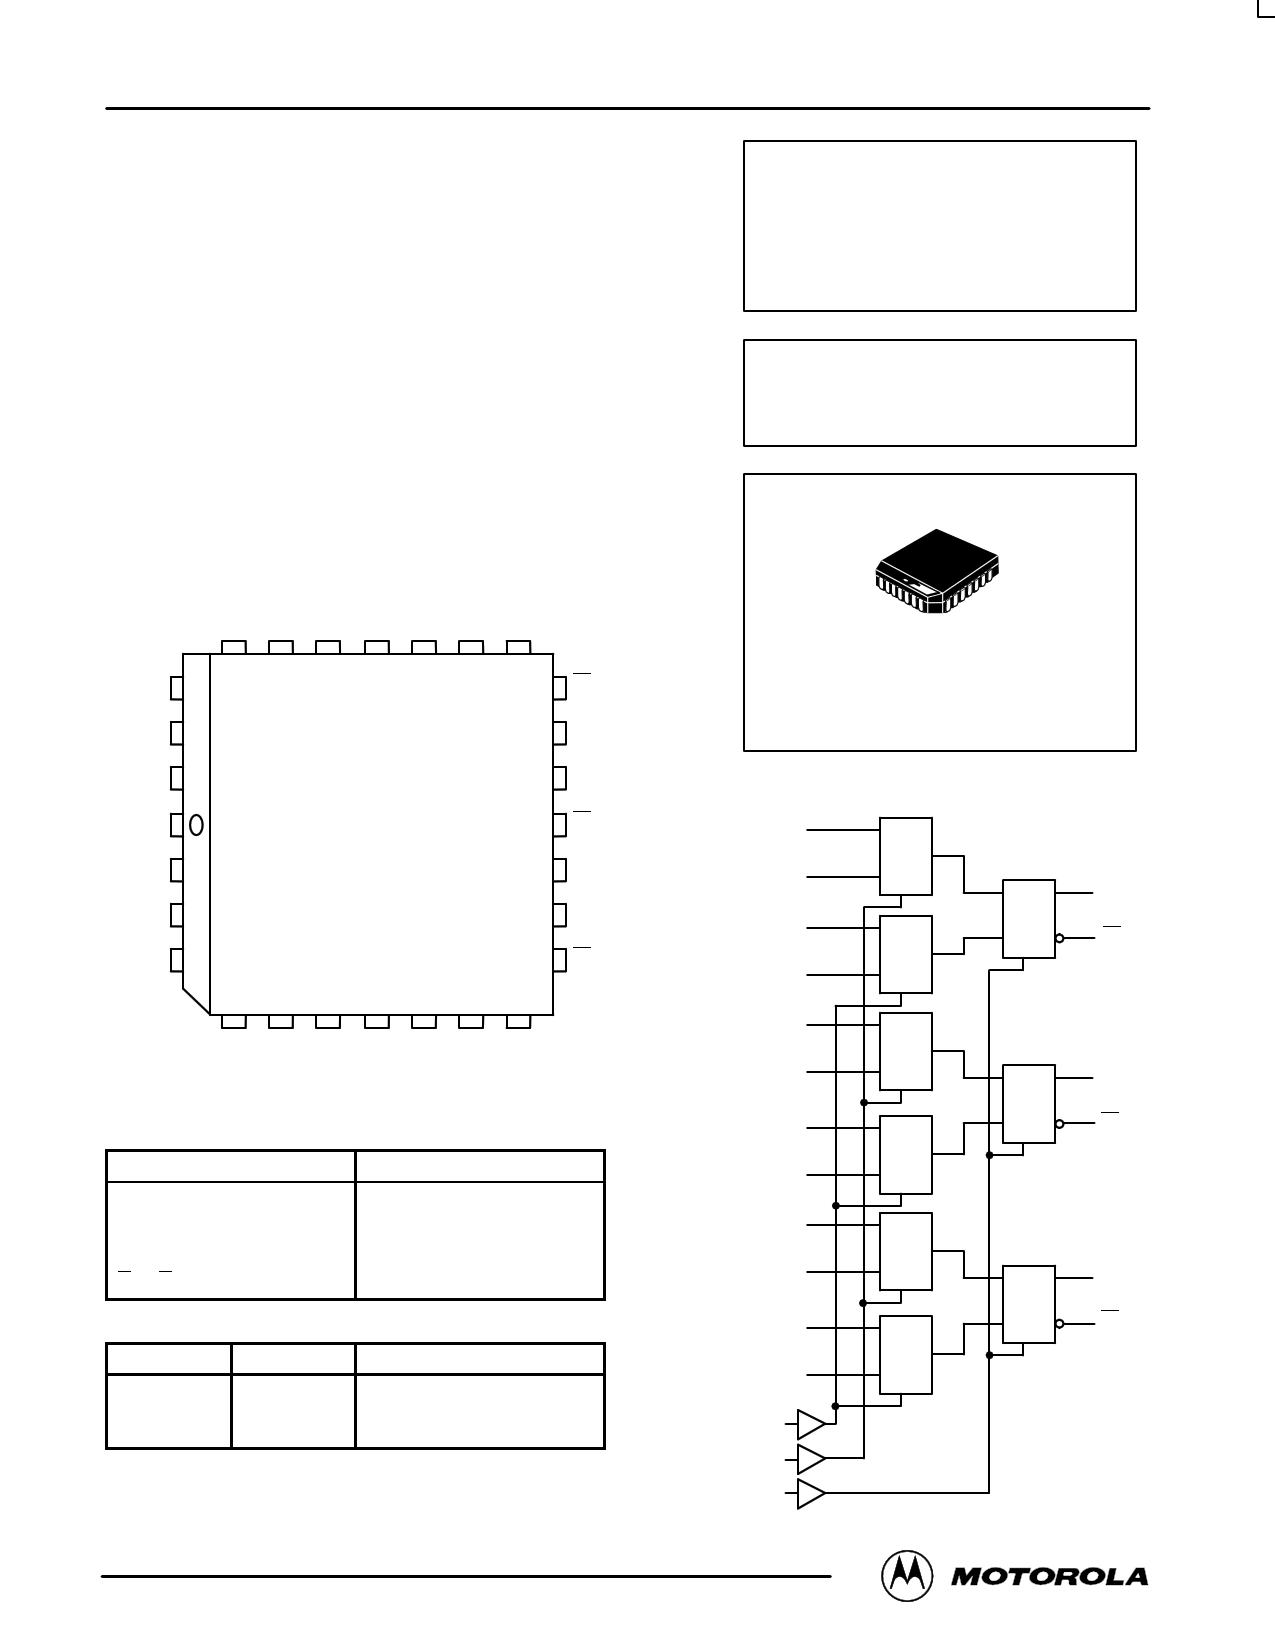 Mc10e171 Datasheet Pdf Pinout 3 Bit 4 1 Multiplexer